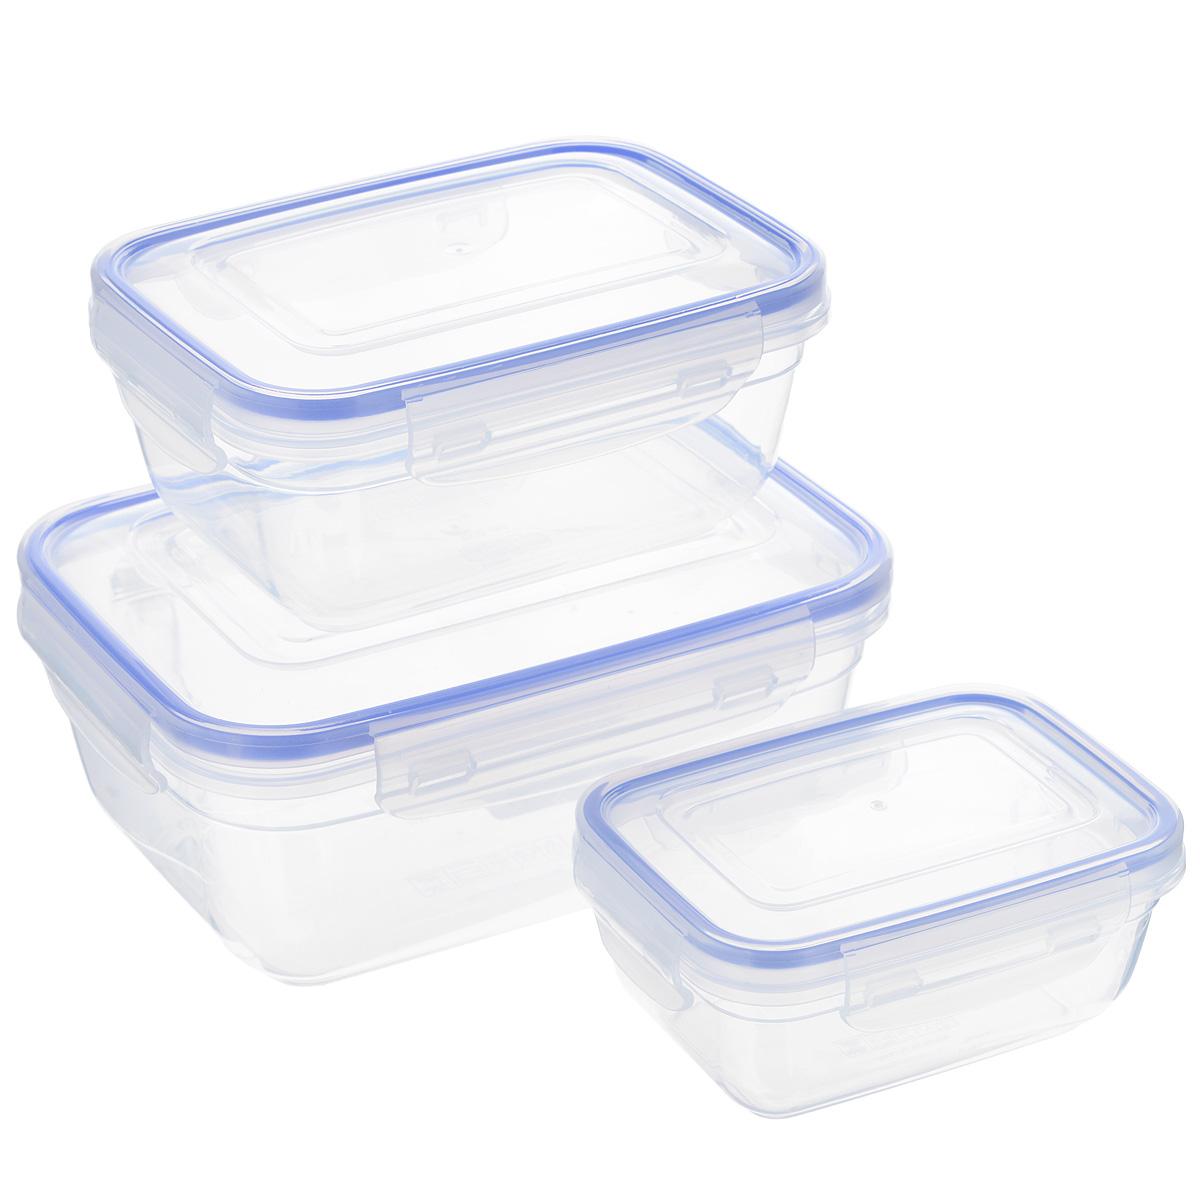 Набор прямоугольных контейнеров Dunya Plastik, 3 шт. 3014730147Набор Dunya Plastik состоит из трех прямоугольных контейнеров разного объема. Изделия выполнены из высококачественного пищевого прозрачного пластика без примеси бисфенола. Такой пластик не содержит вредных веществ и подходит для контакта с пищевыми продуктами. Контейнеры оснащены вакуумными крышками, которые плотно закрываются на 4 защелки, а благодаря силиконовой прослойке обеспечивают герметичность. Контейнеры непроницаемы для воздуха и жидкости. Подходят для хранения и транспортировки пищи. Складываются друг в друга, что экономит пространство при хранении в шкафу. Подходят для использования в микроволновой печи без крышки (до +95°С), для заморозки при минимальной температуре -25°С. Можно мыть в посудомоечной машине. Объем контейнеров: 400 мл; 800 мл; 1400 мл. Размер контейнеров: 9,6 см х 13,5 см х 5,7 см; 12 см х 16 см х 7,3 см; 14,5 см х 19,5 см х 8,5 см.